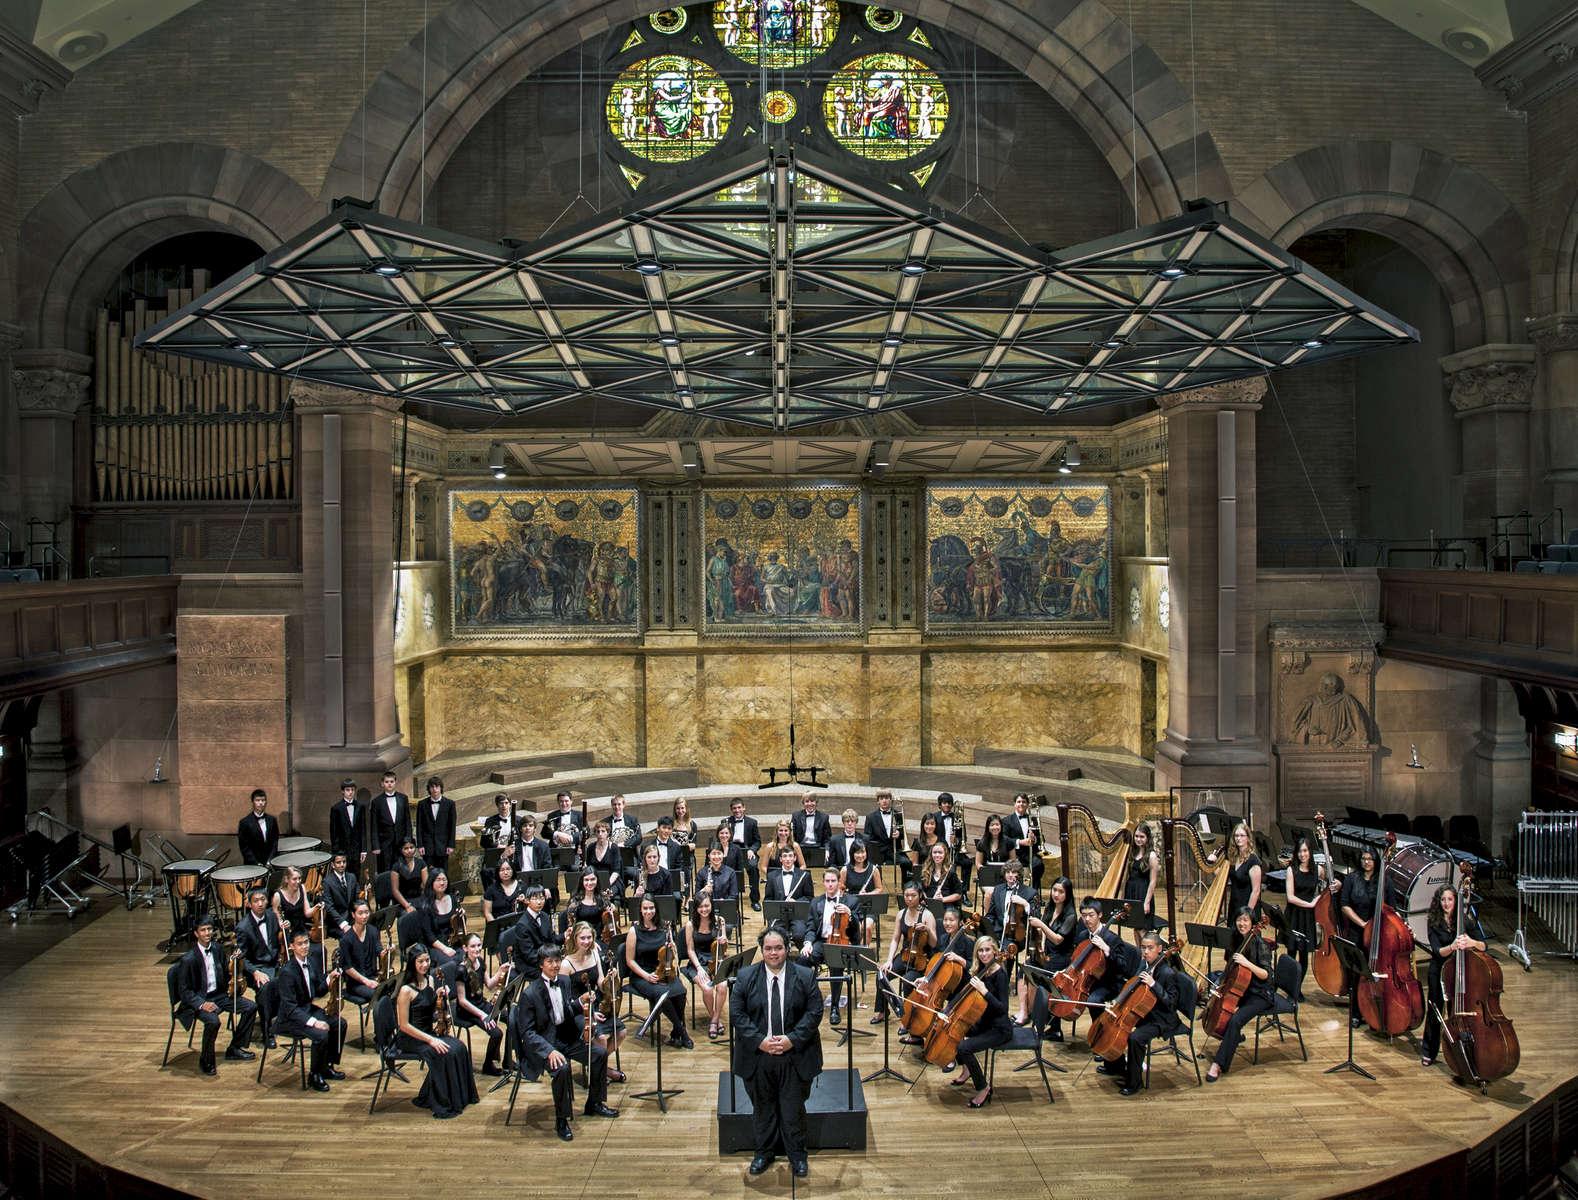 GYPO_symphonic_orchestra_richardson_auditorium-3479-25